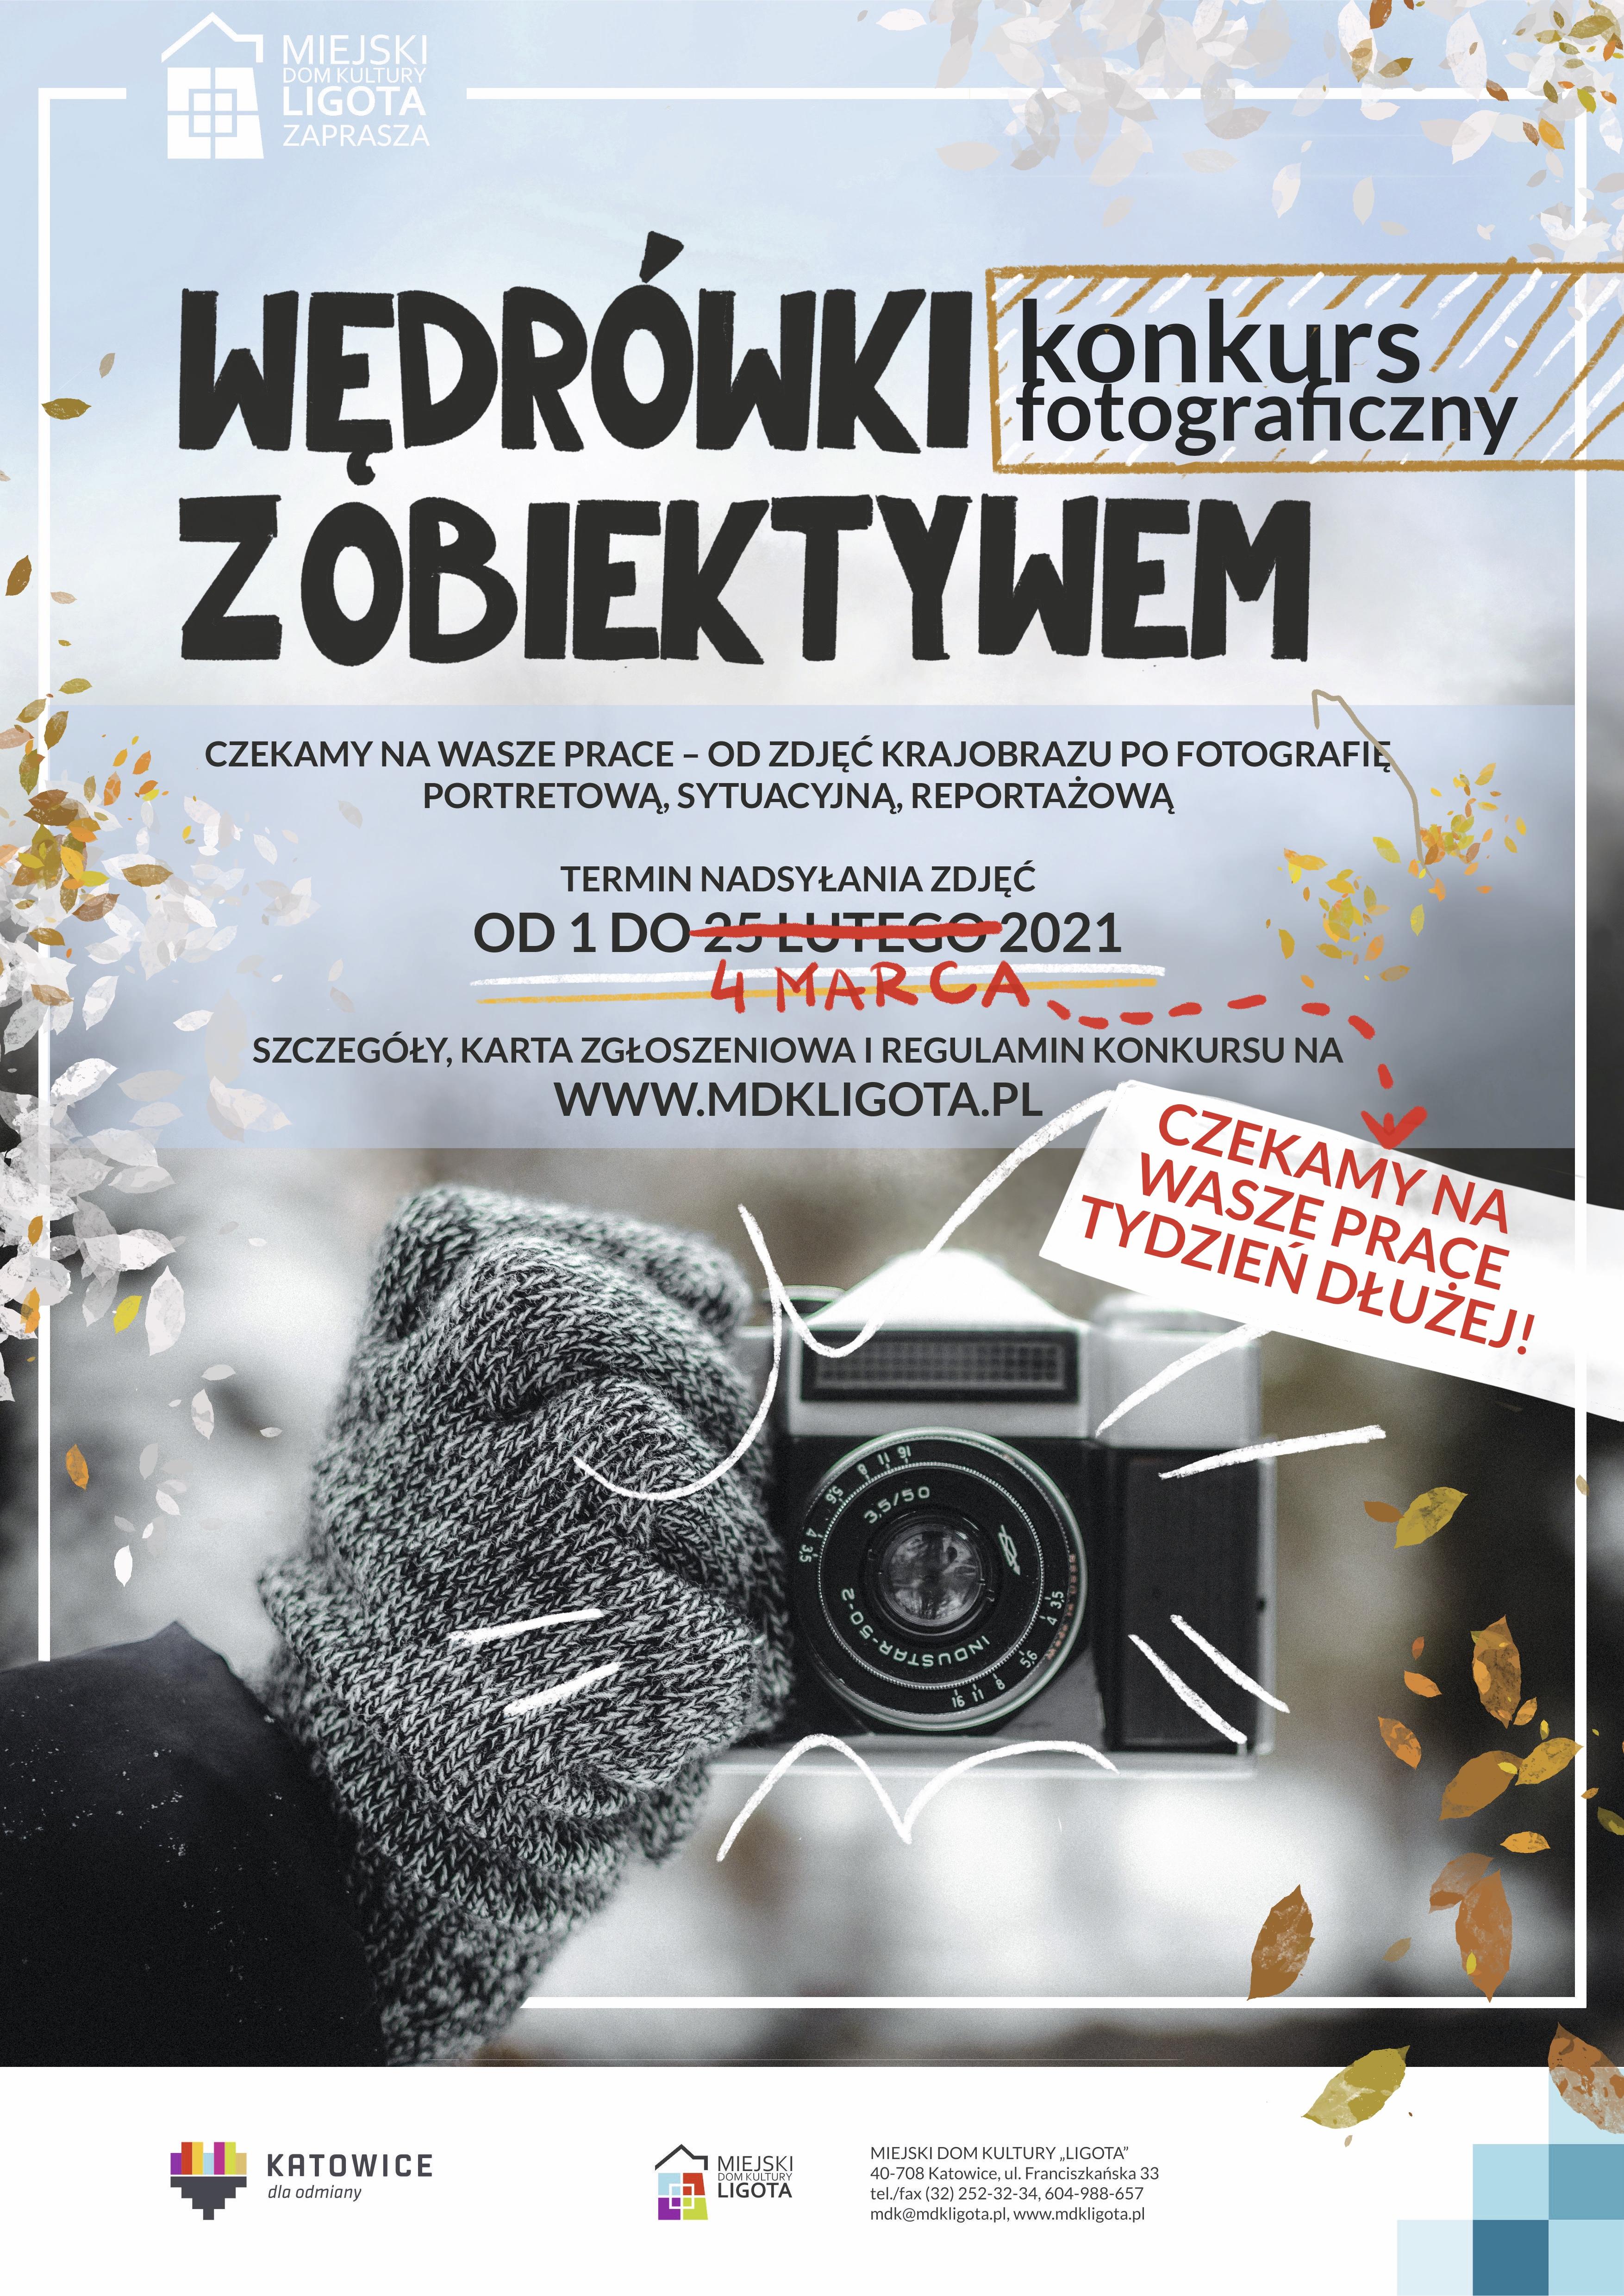 Plakat konkursu fotograficznego Wędrówki z obiektywem. Termin nadsyłania prac przedłużony do 4 marca. Ręka w rękawiczce trzymająca aparat fotograficzny, w tle zimowy krajobraz.